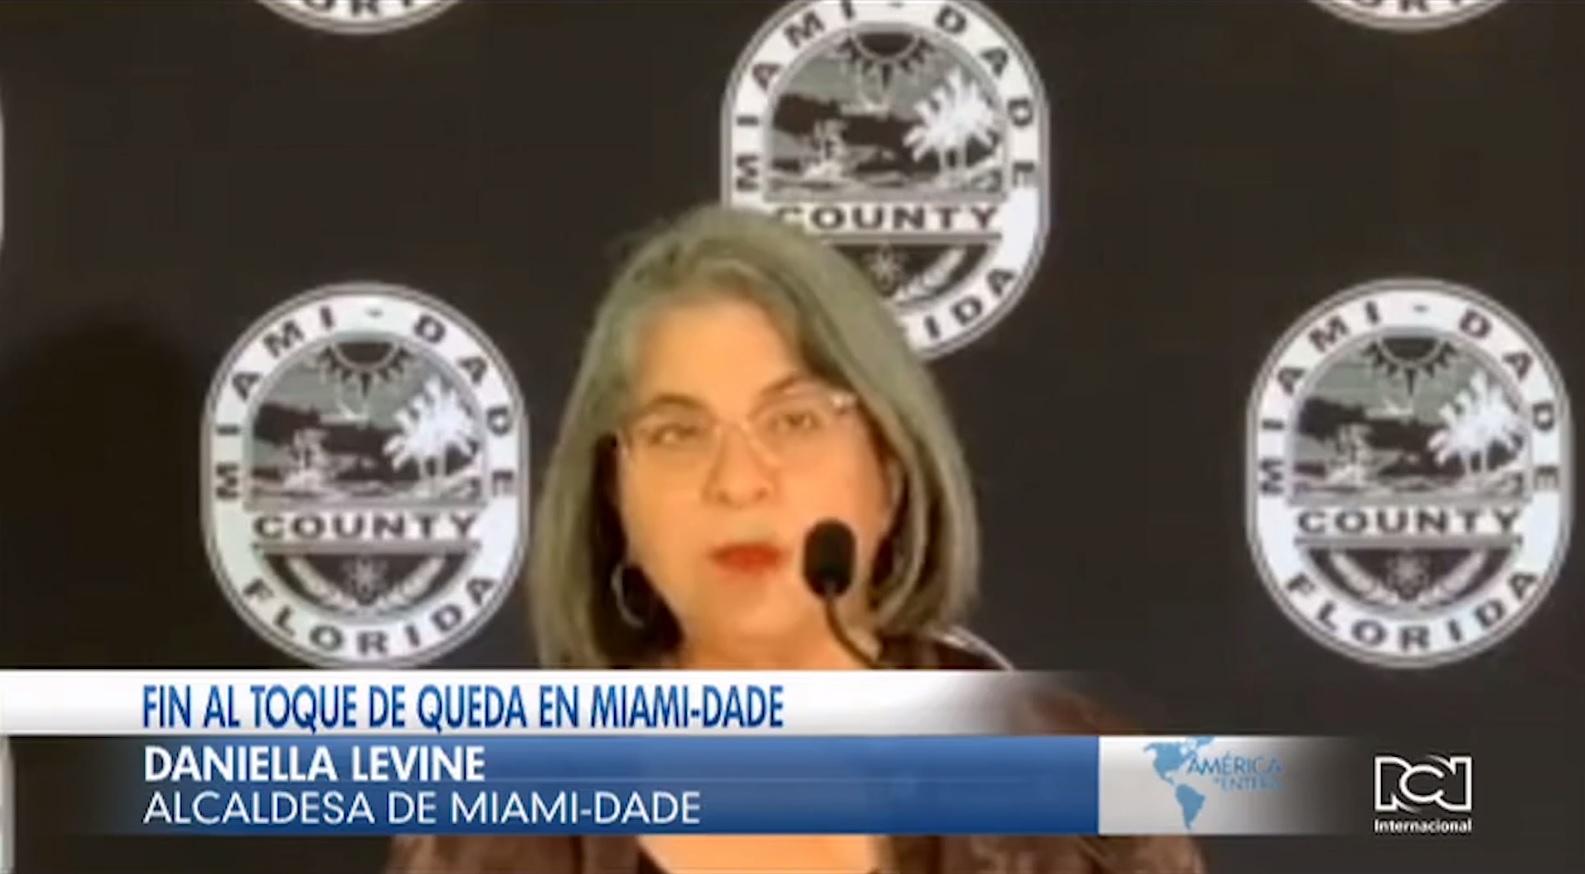 Miami-Dade podrá fin este 12 de abril al toque de queda nocturno tras más de un año de restricciones